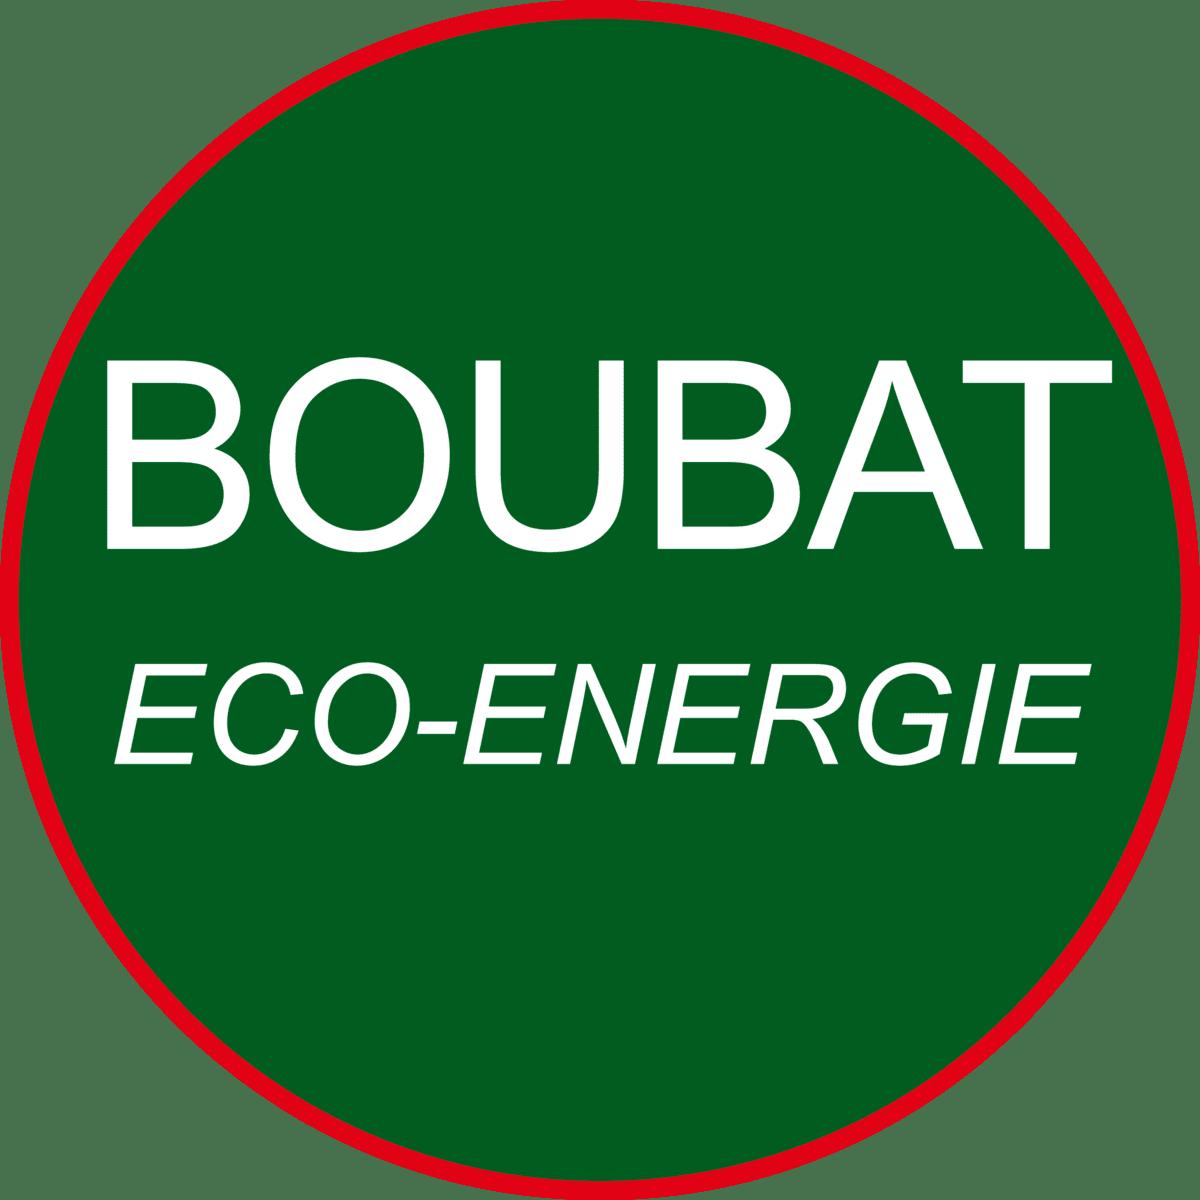 Boubat Eco Énergie